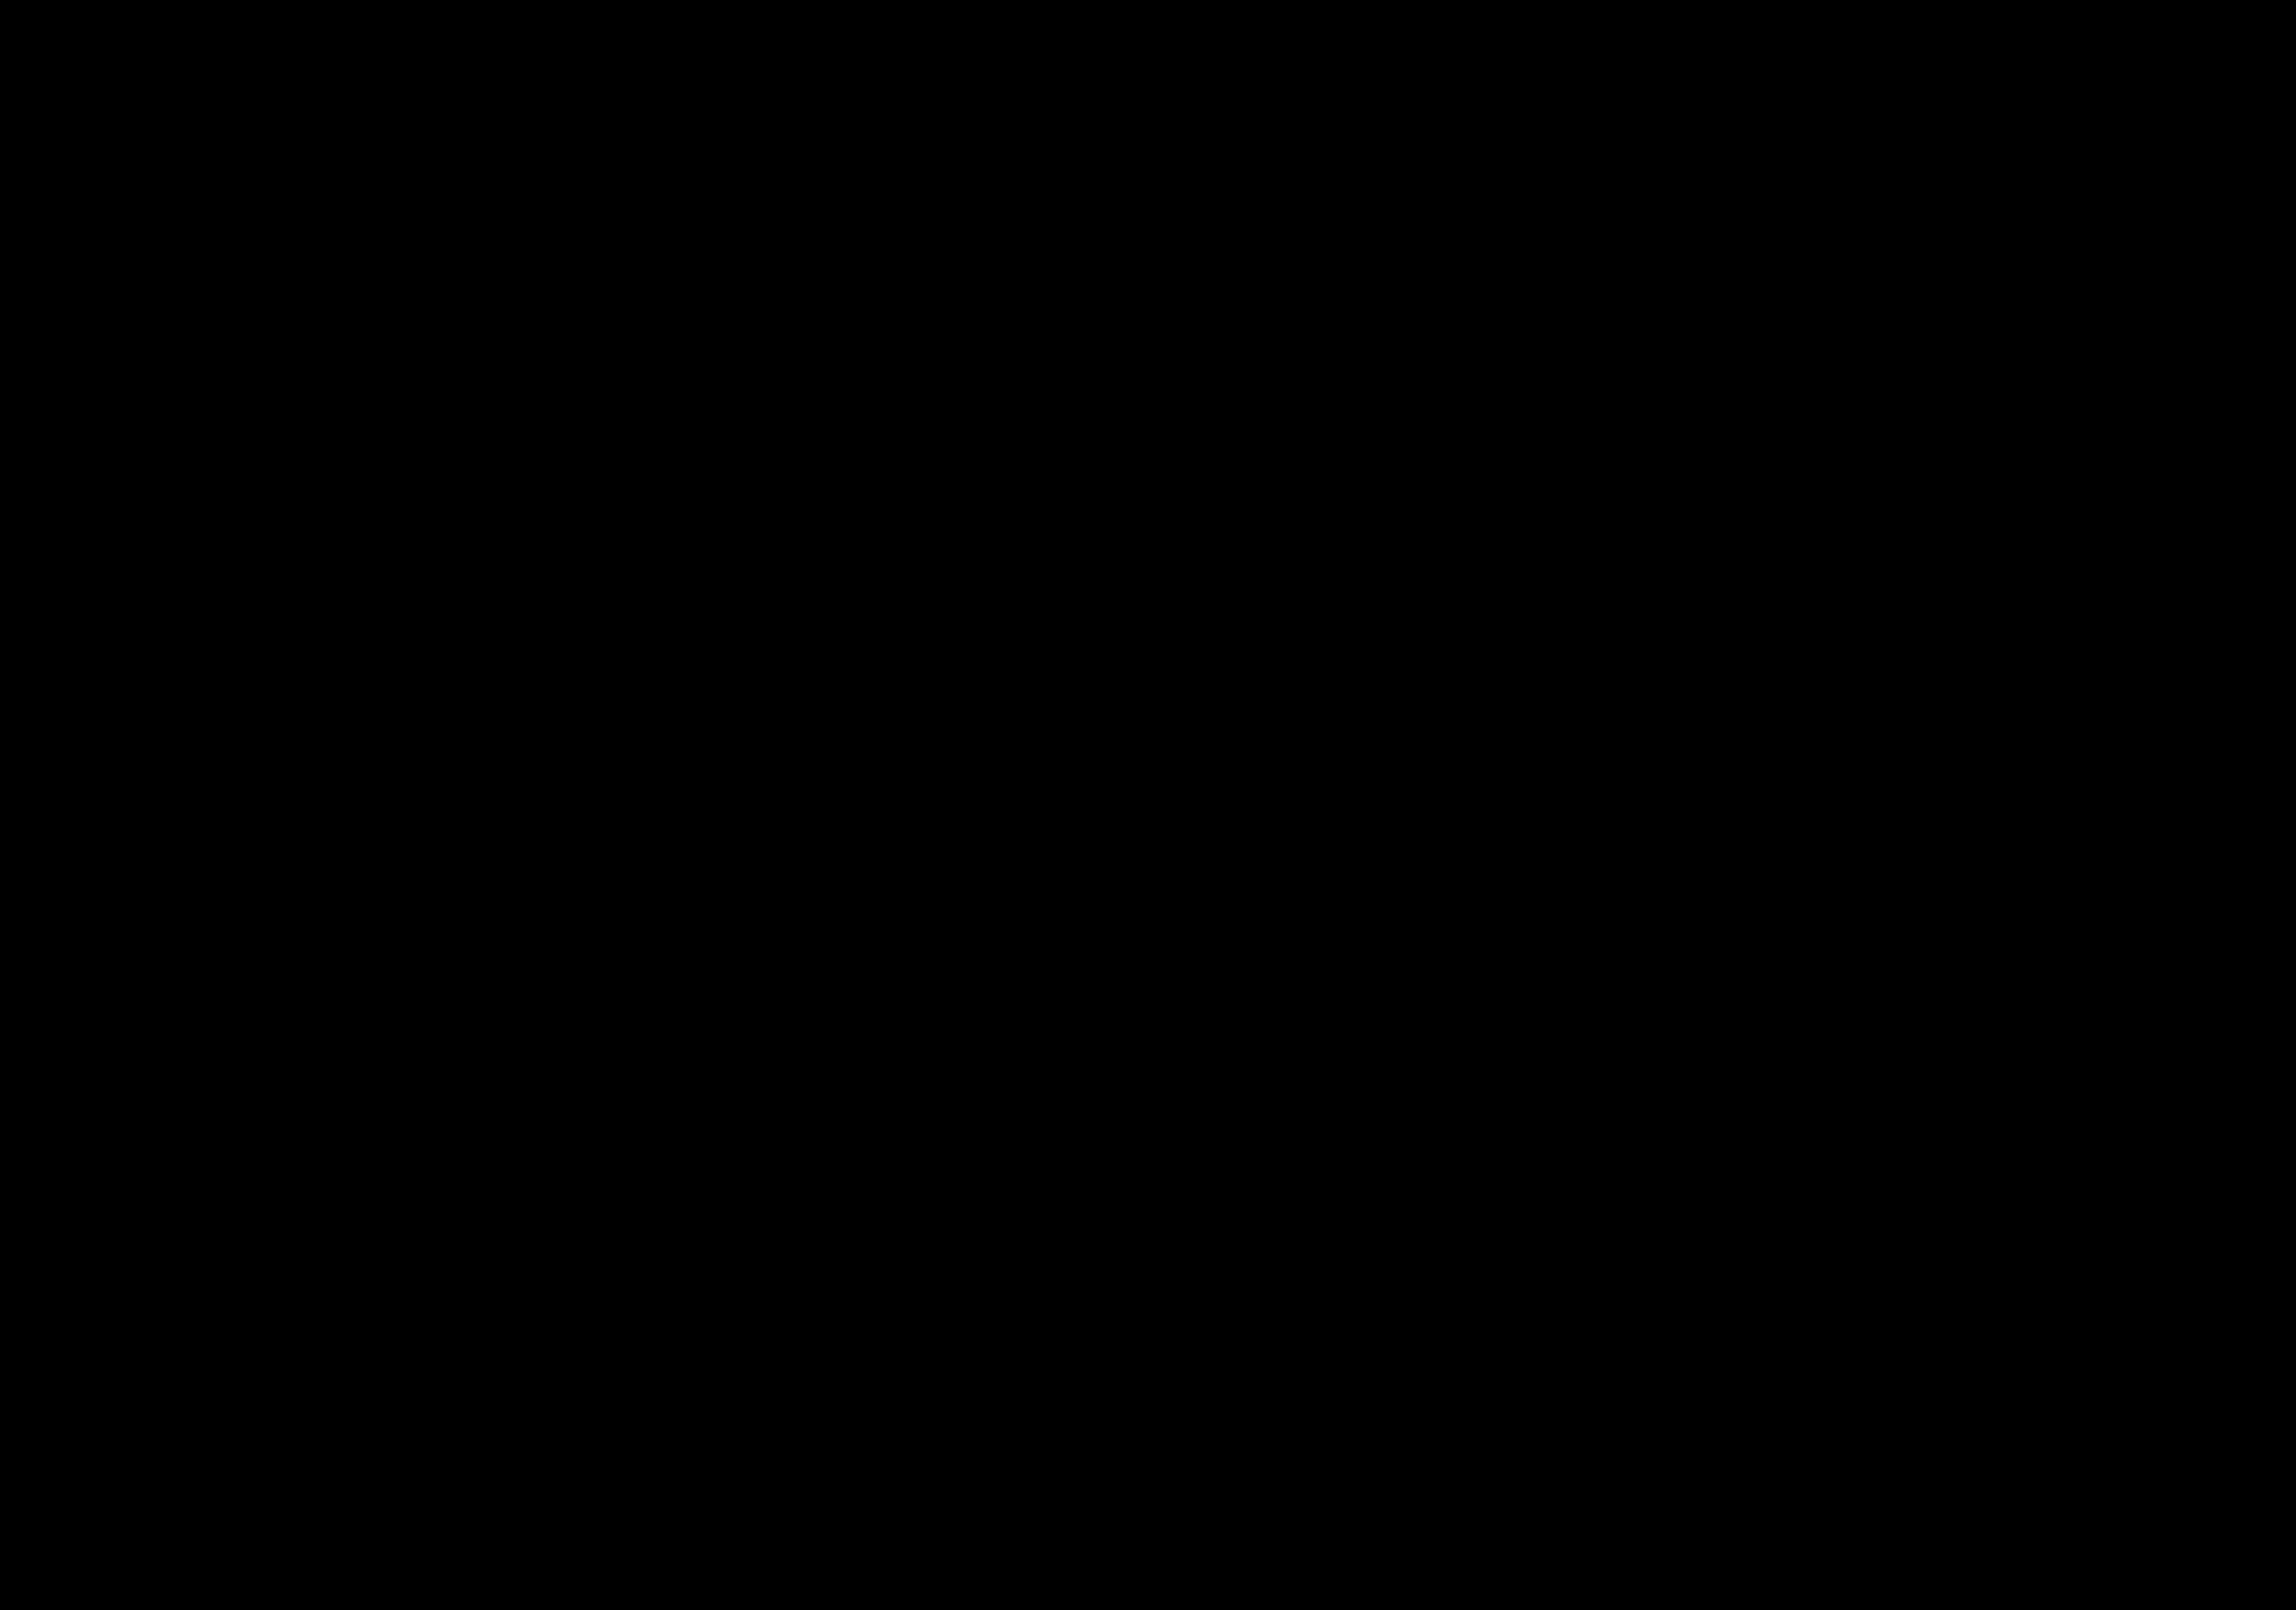 cheminee-mexicaine-brasero1